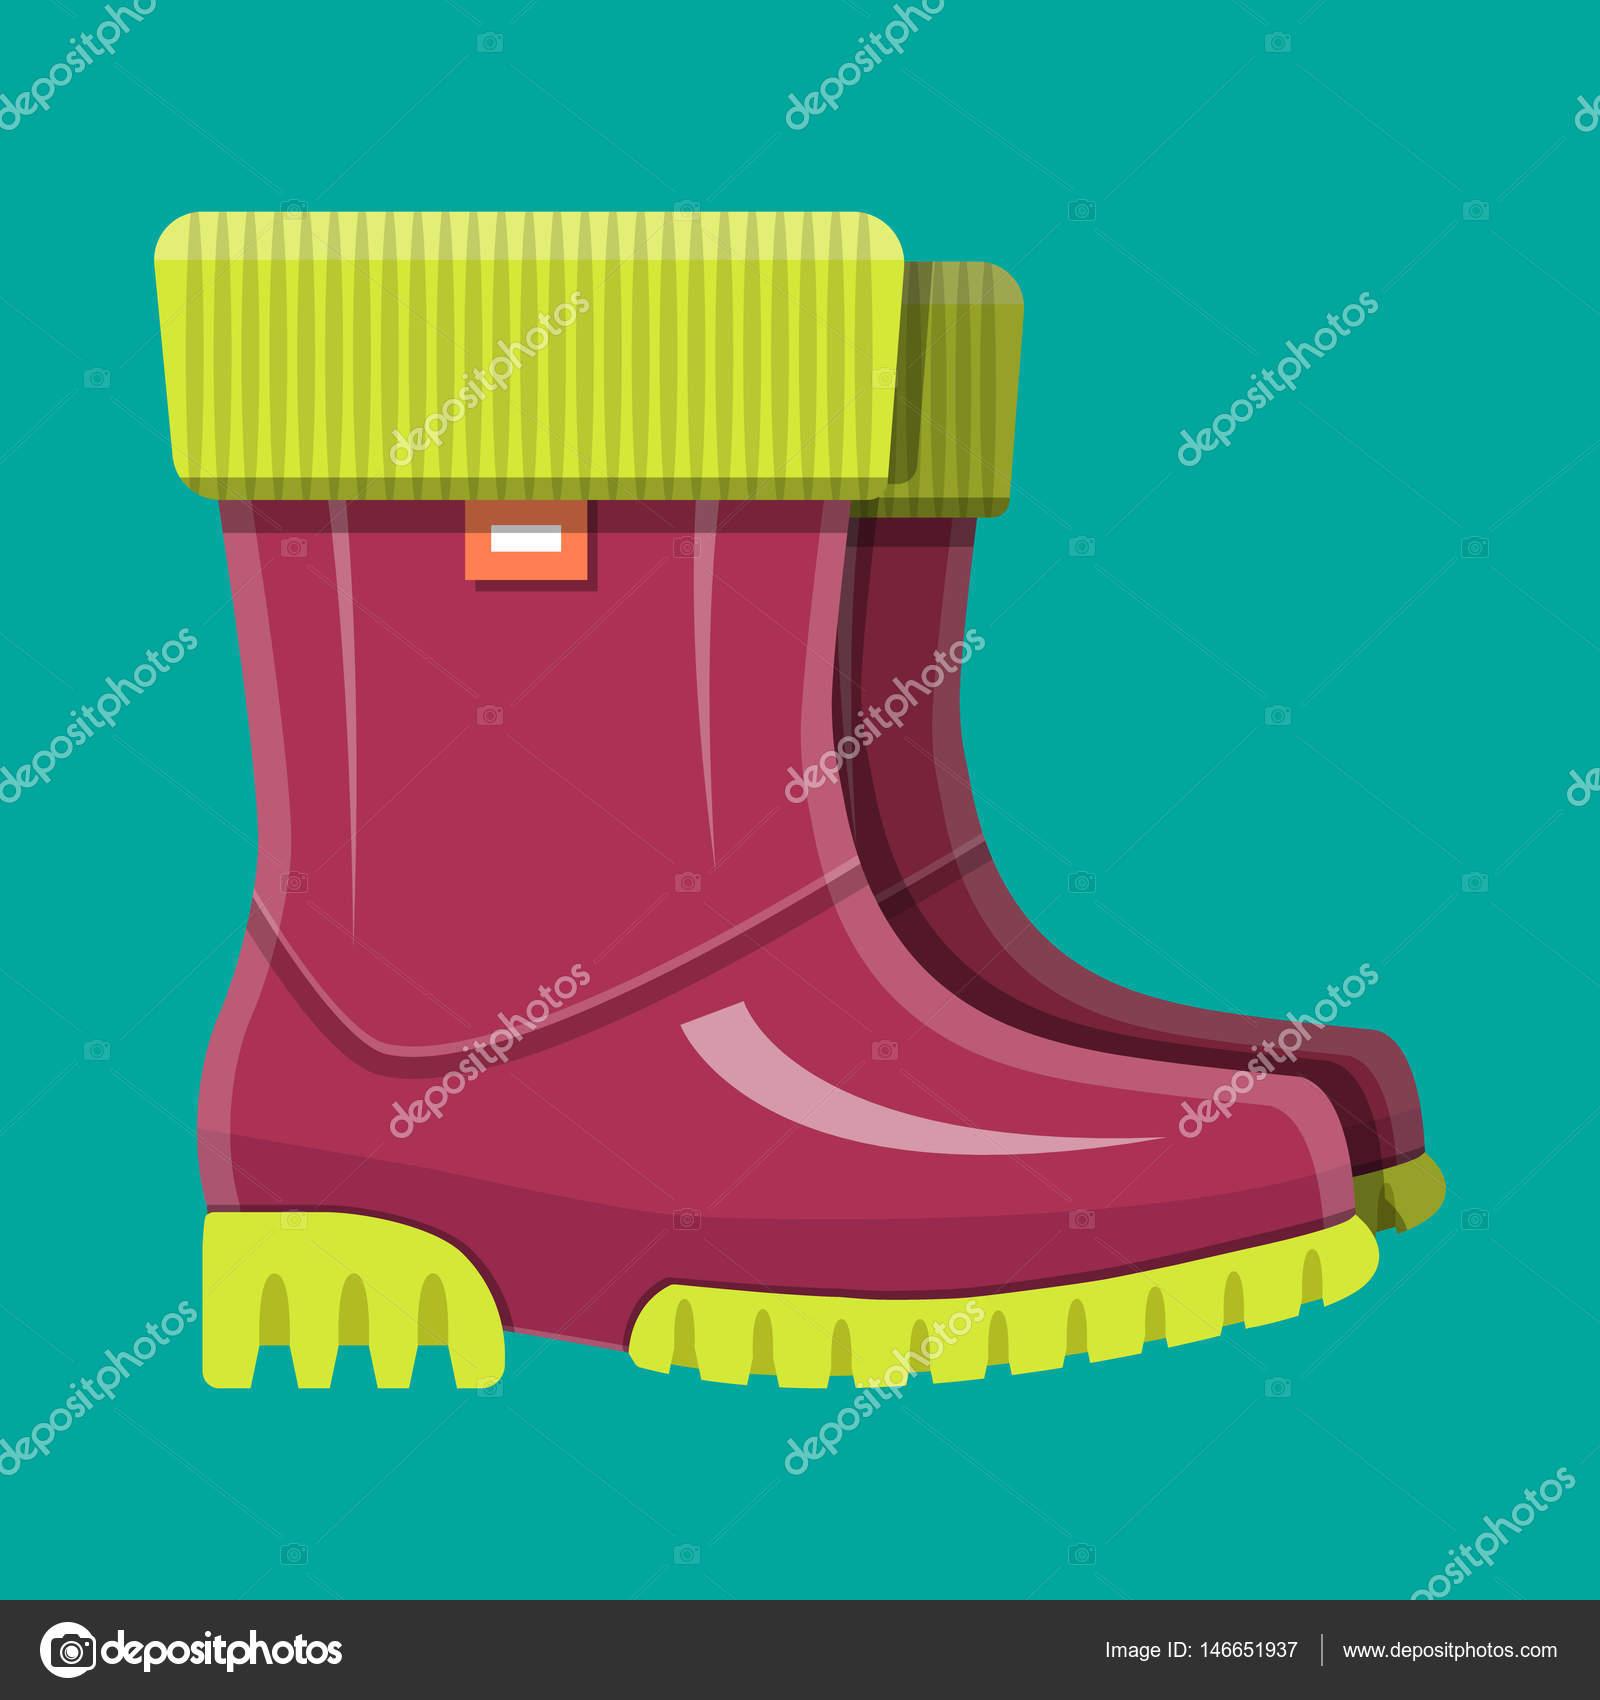 ad94a971c9a Botas de borracha. Sapatos para a chuva. Calçados impermeáveis ...